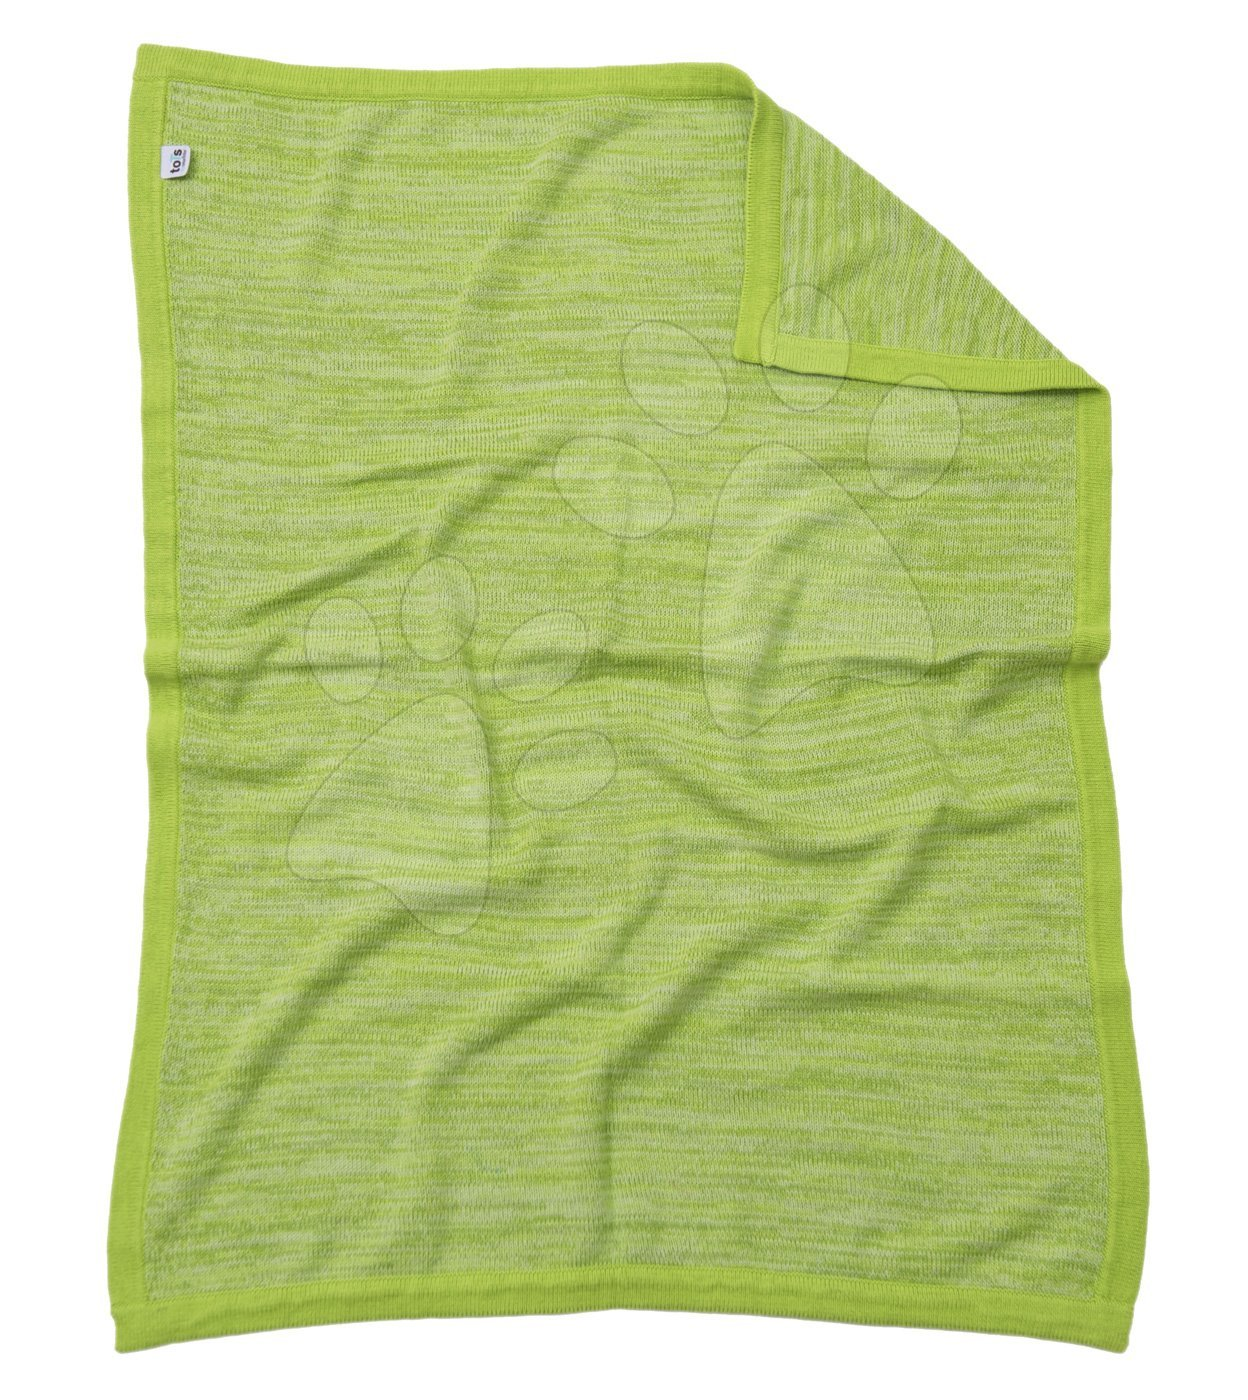 Pletená deka pro nejmenší Joy toTs-smarTrike 100% přírodní bavlna zelená od 0 měsíců